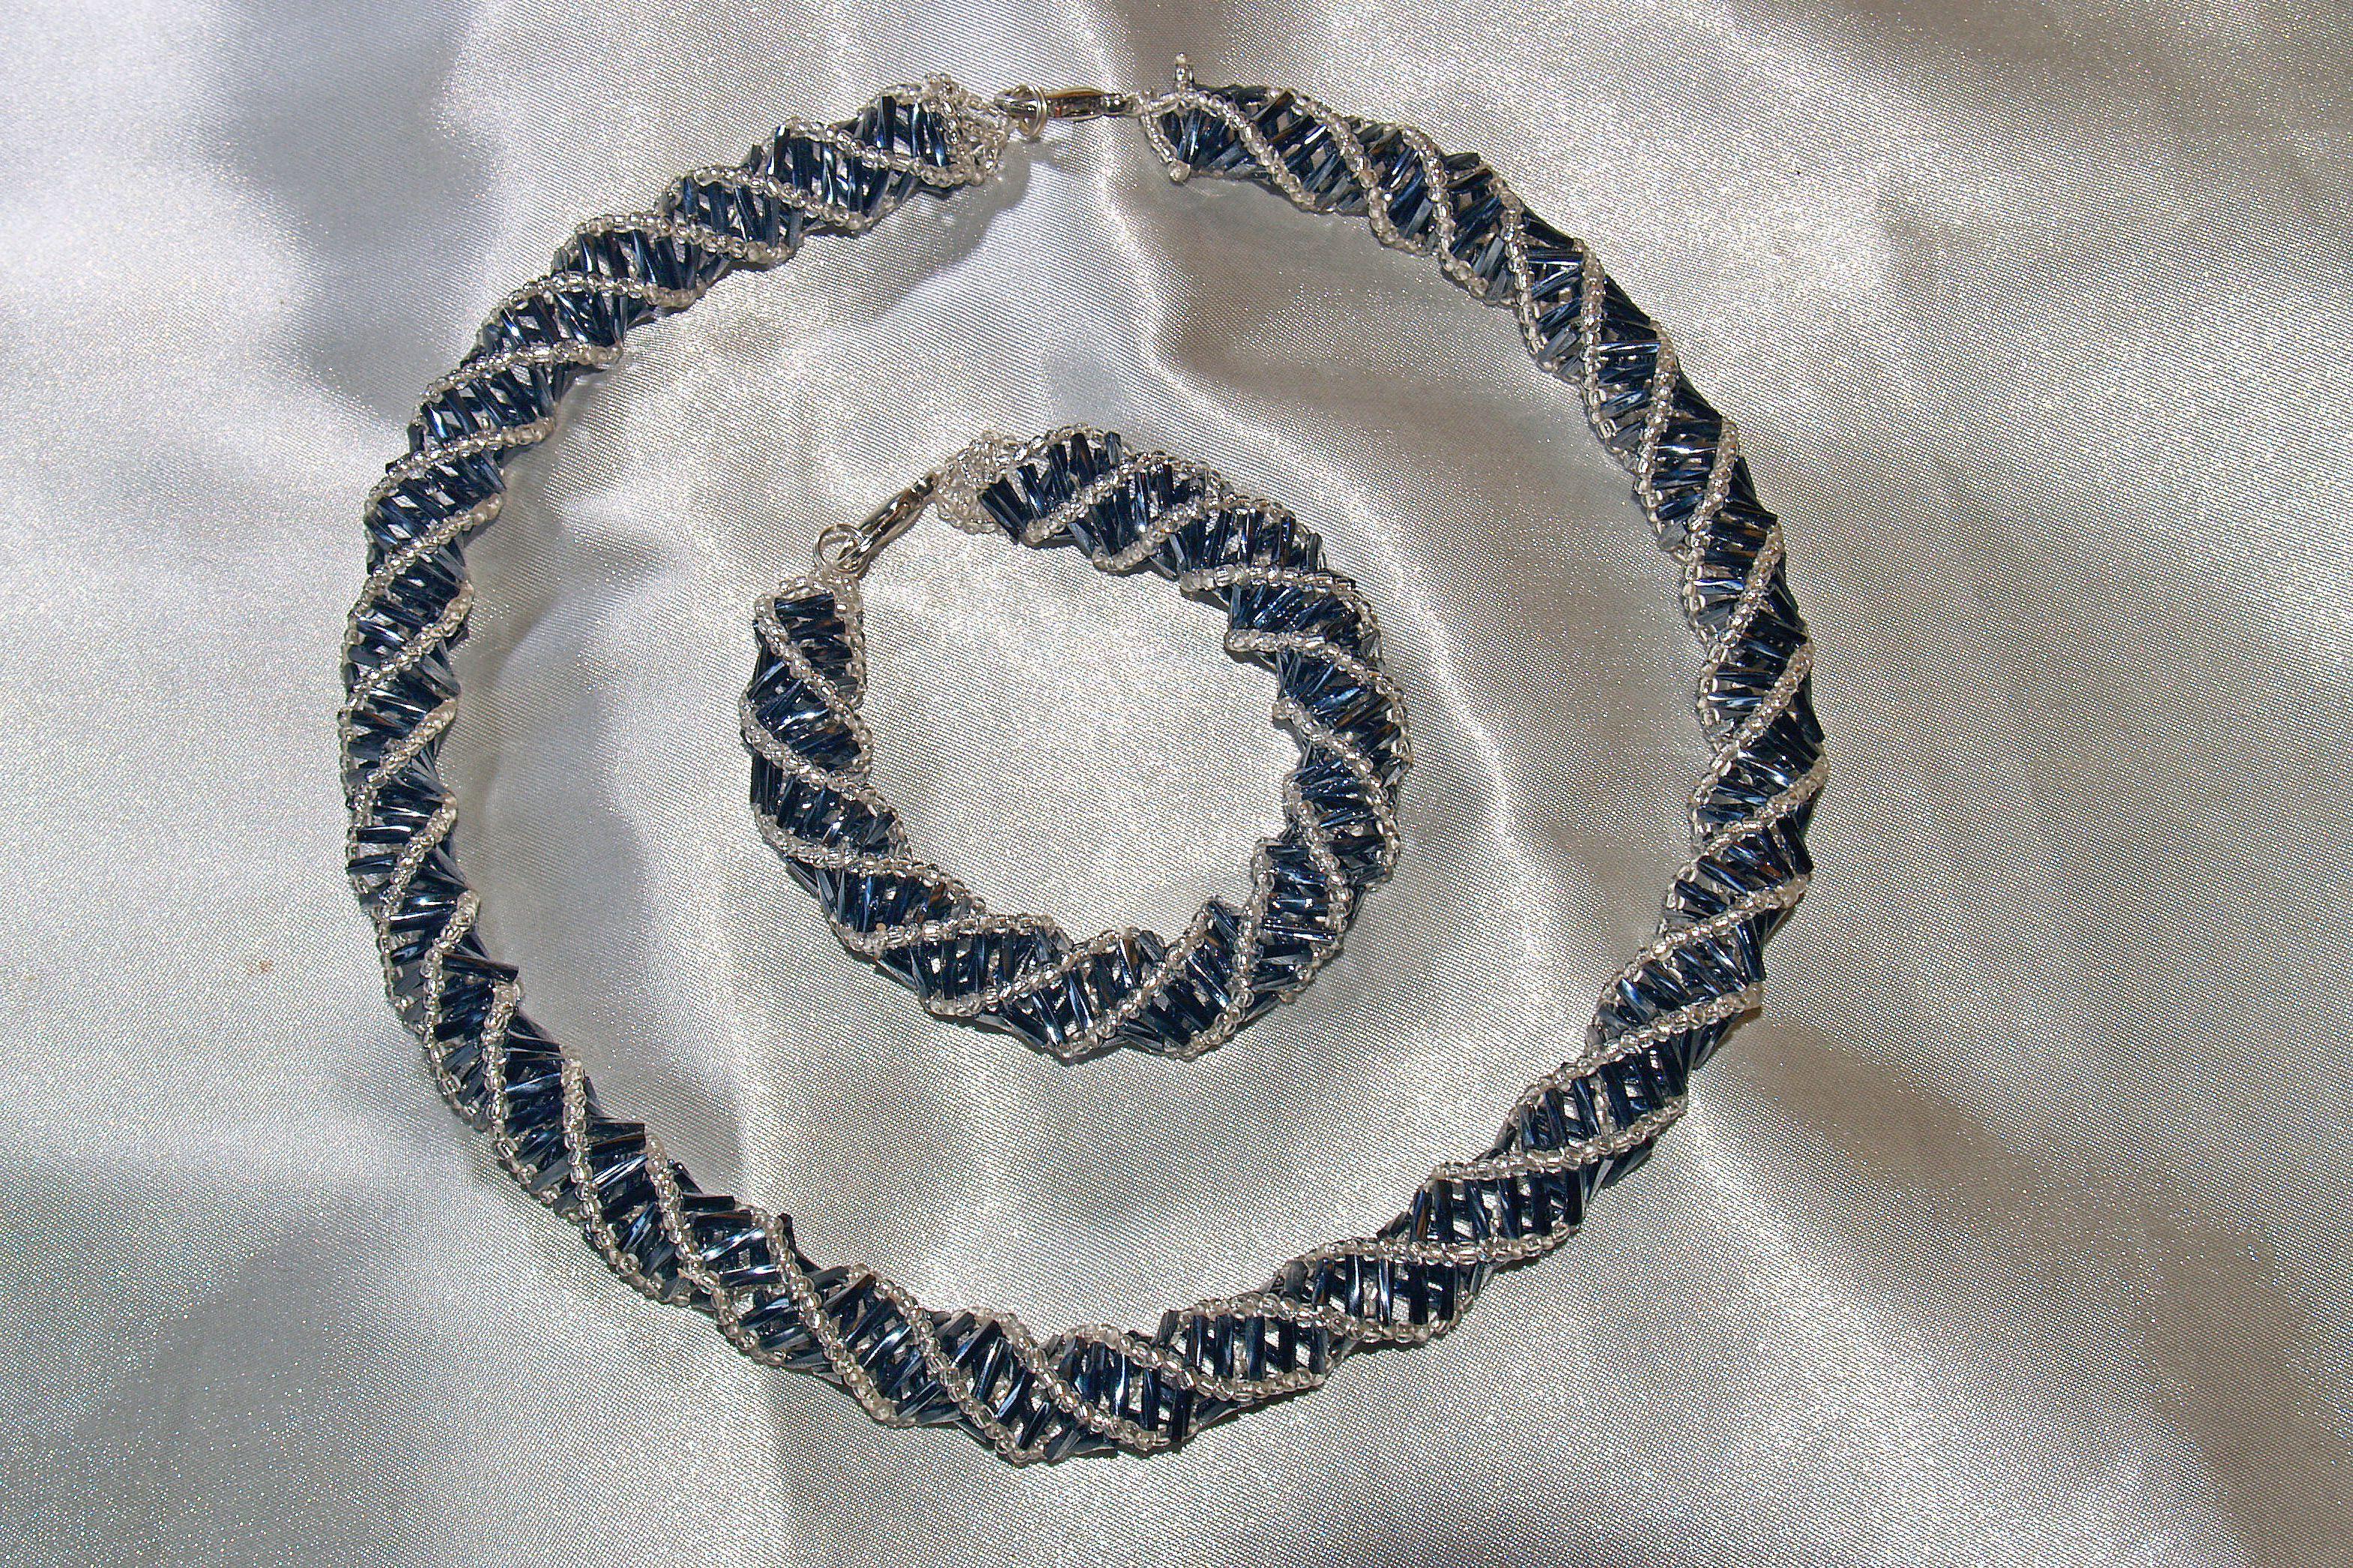 украшения бисер браслет бижутерия ручнаяработа комплект колье подарок